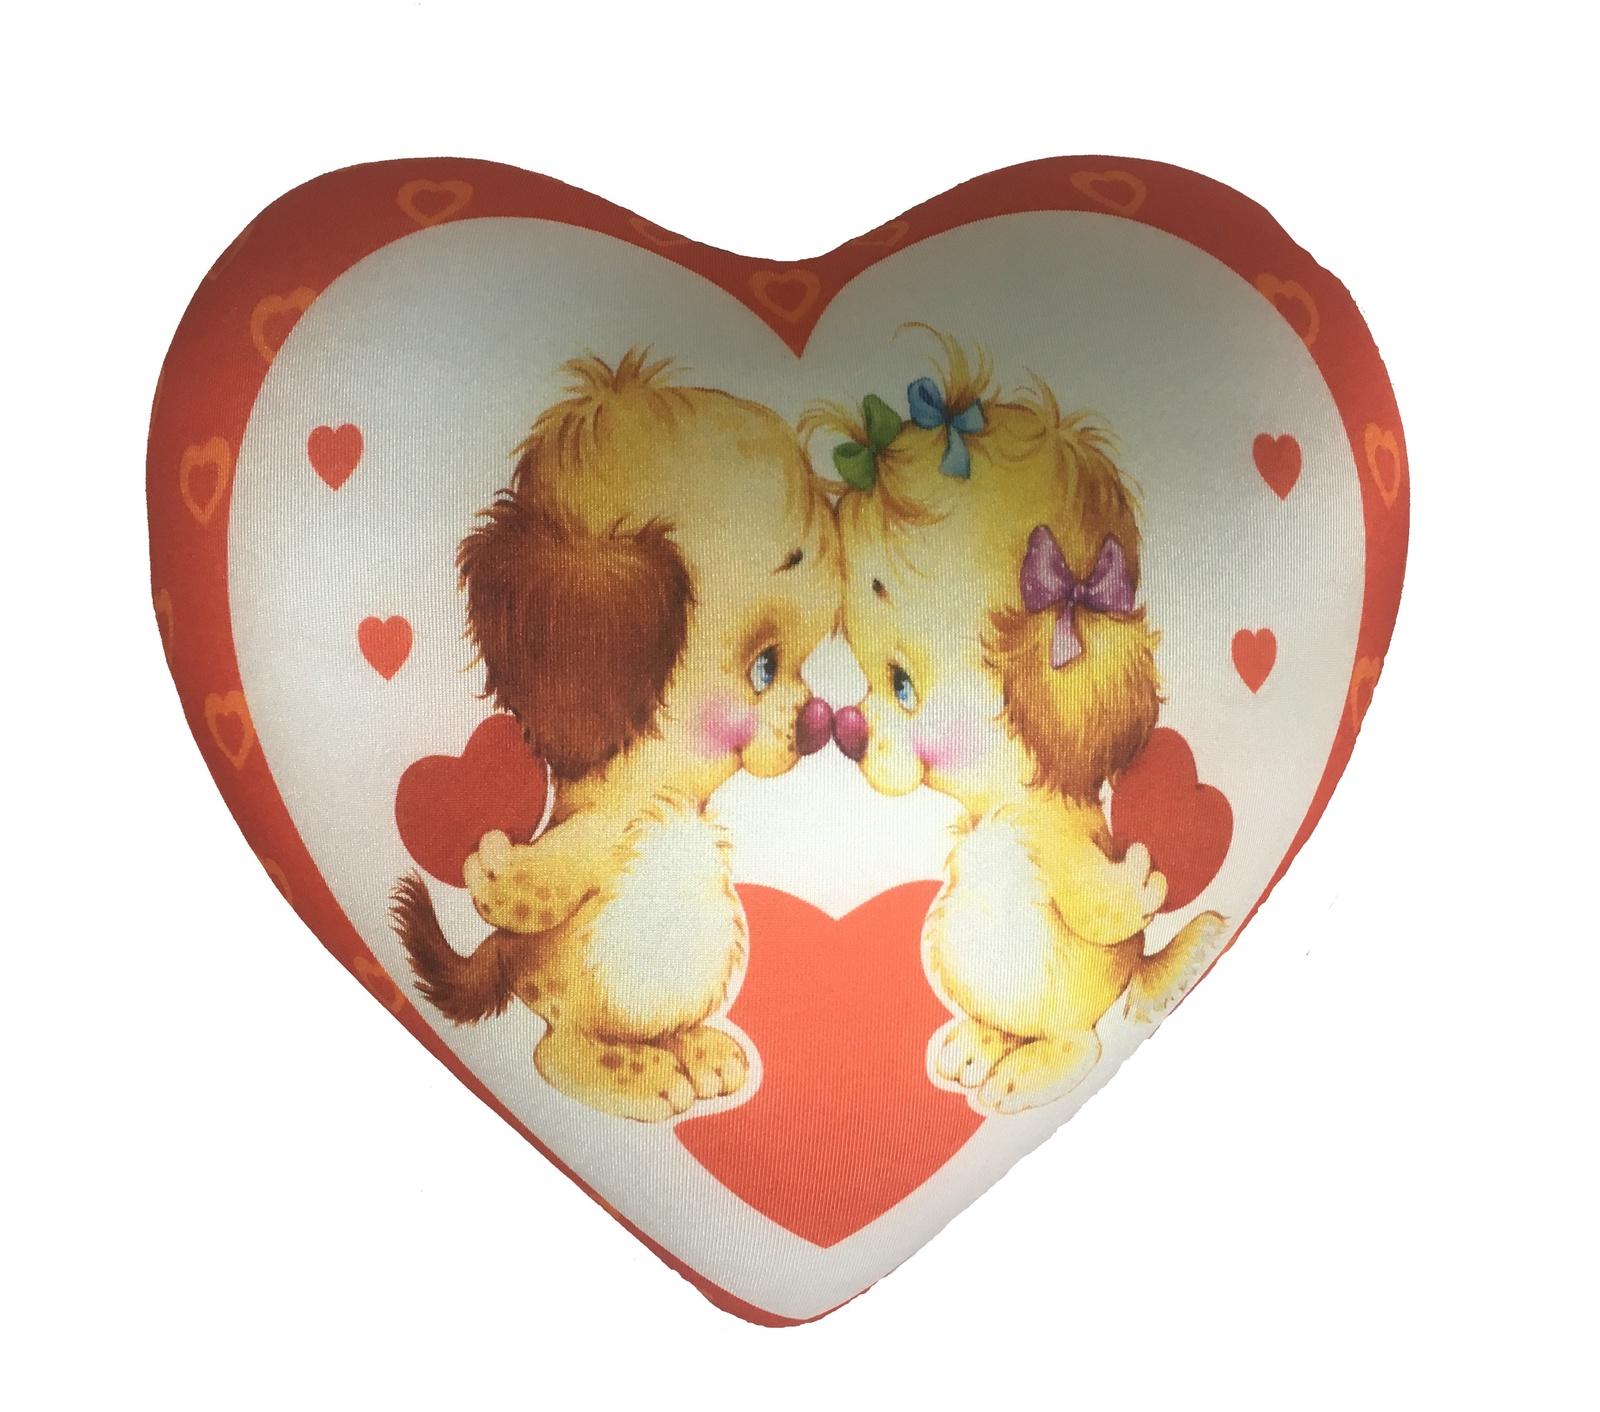 Мягкая игрушка СмолТойс Сердце-антистресс, 2571/КР-6